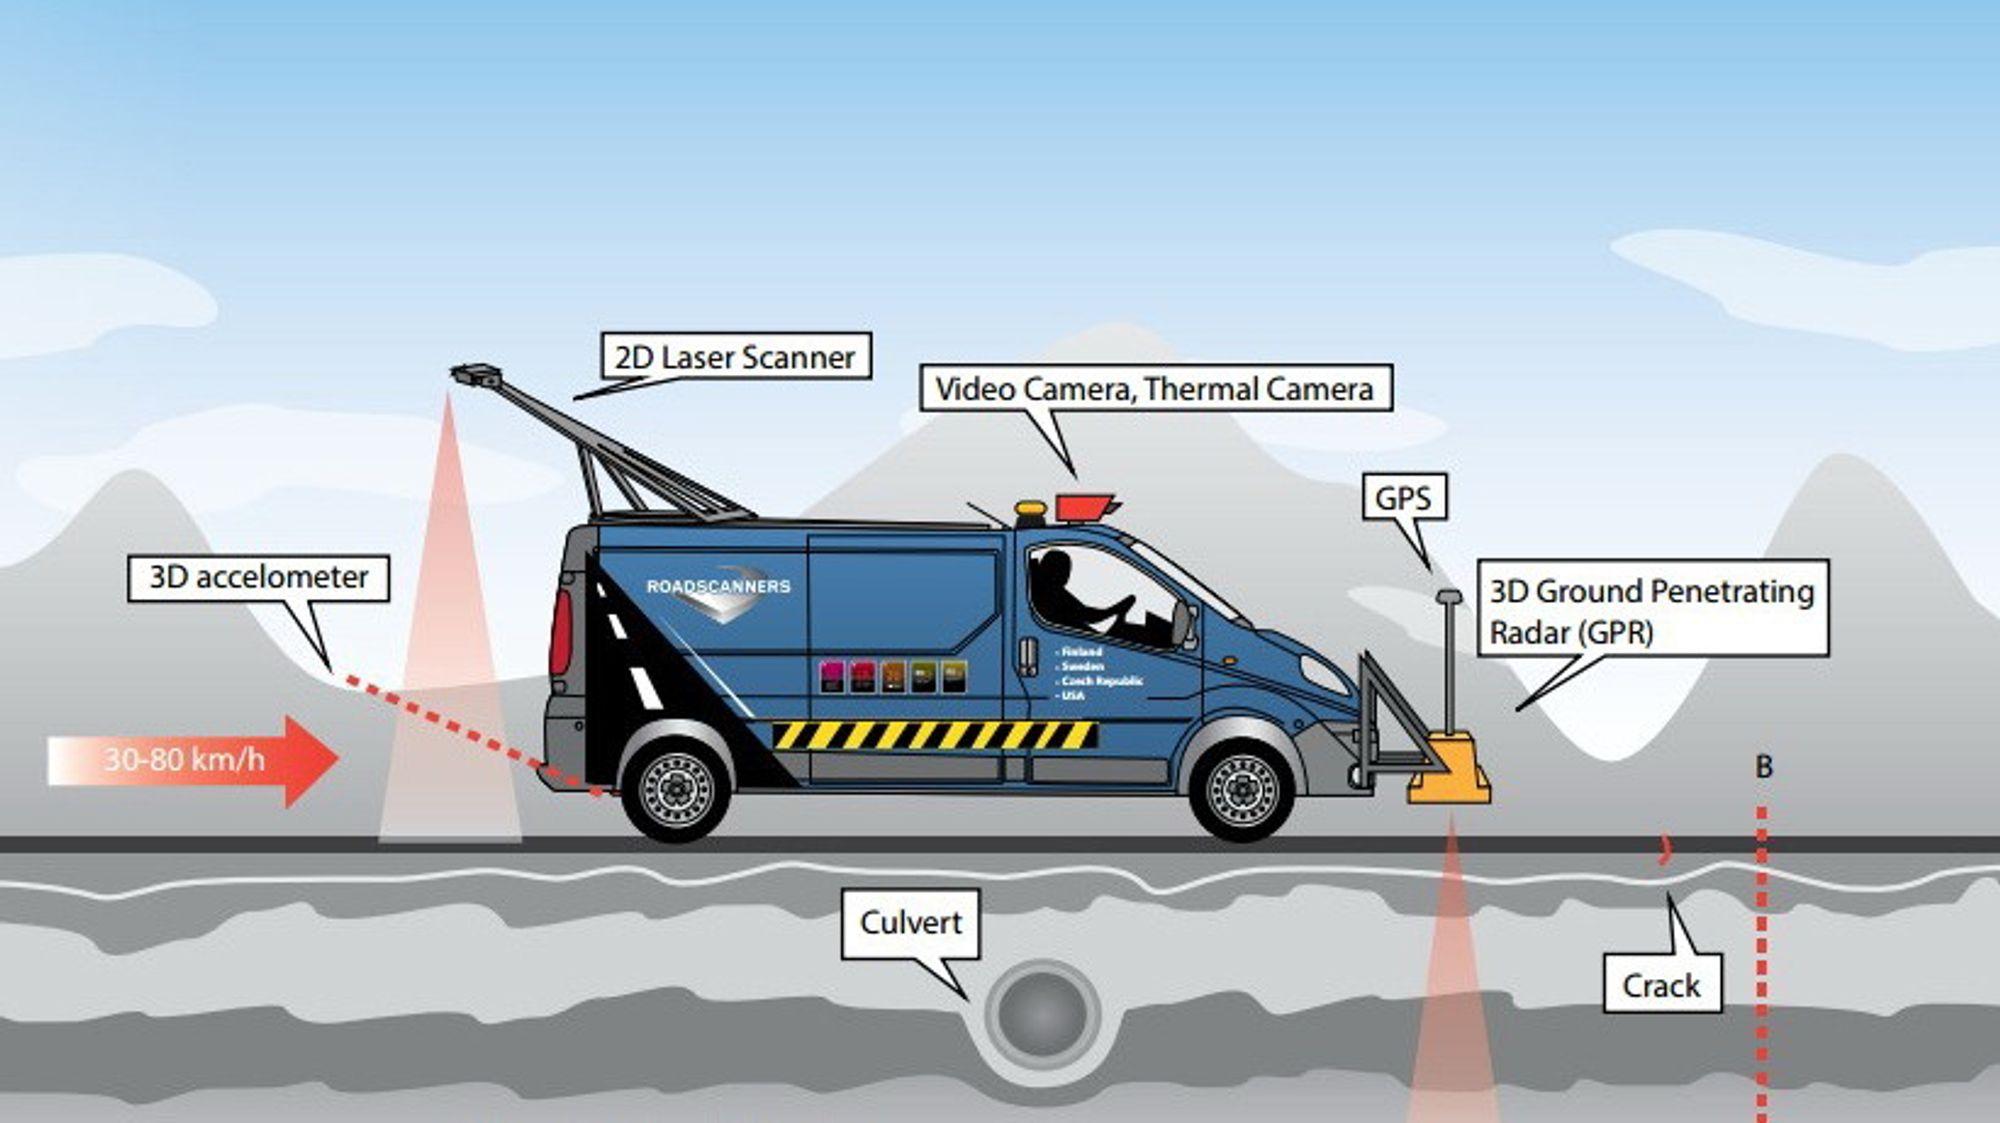 Kombinasjonen av teknologiene gjør det mulig for veiskanneren å lage et fullstendig 3D-bilde av veien og omgivelsene.